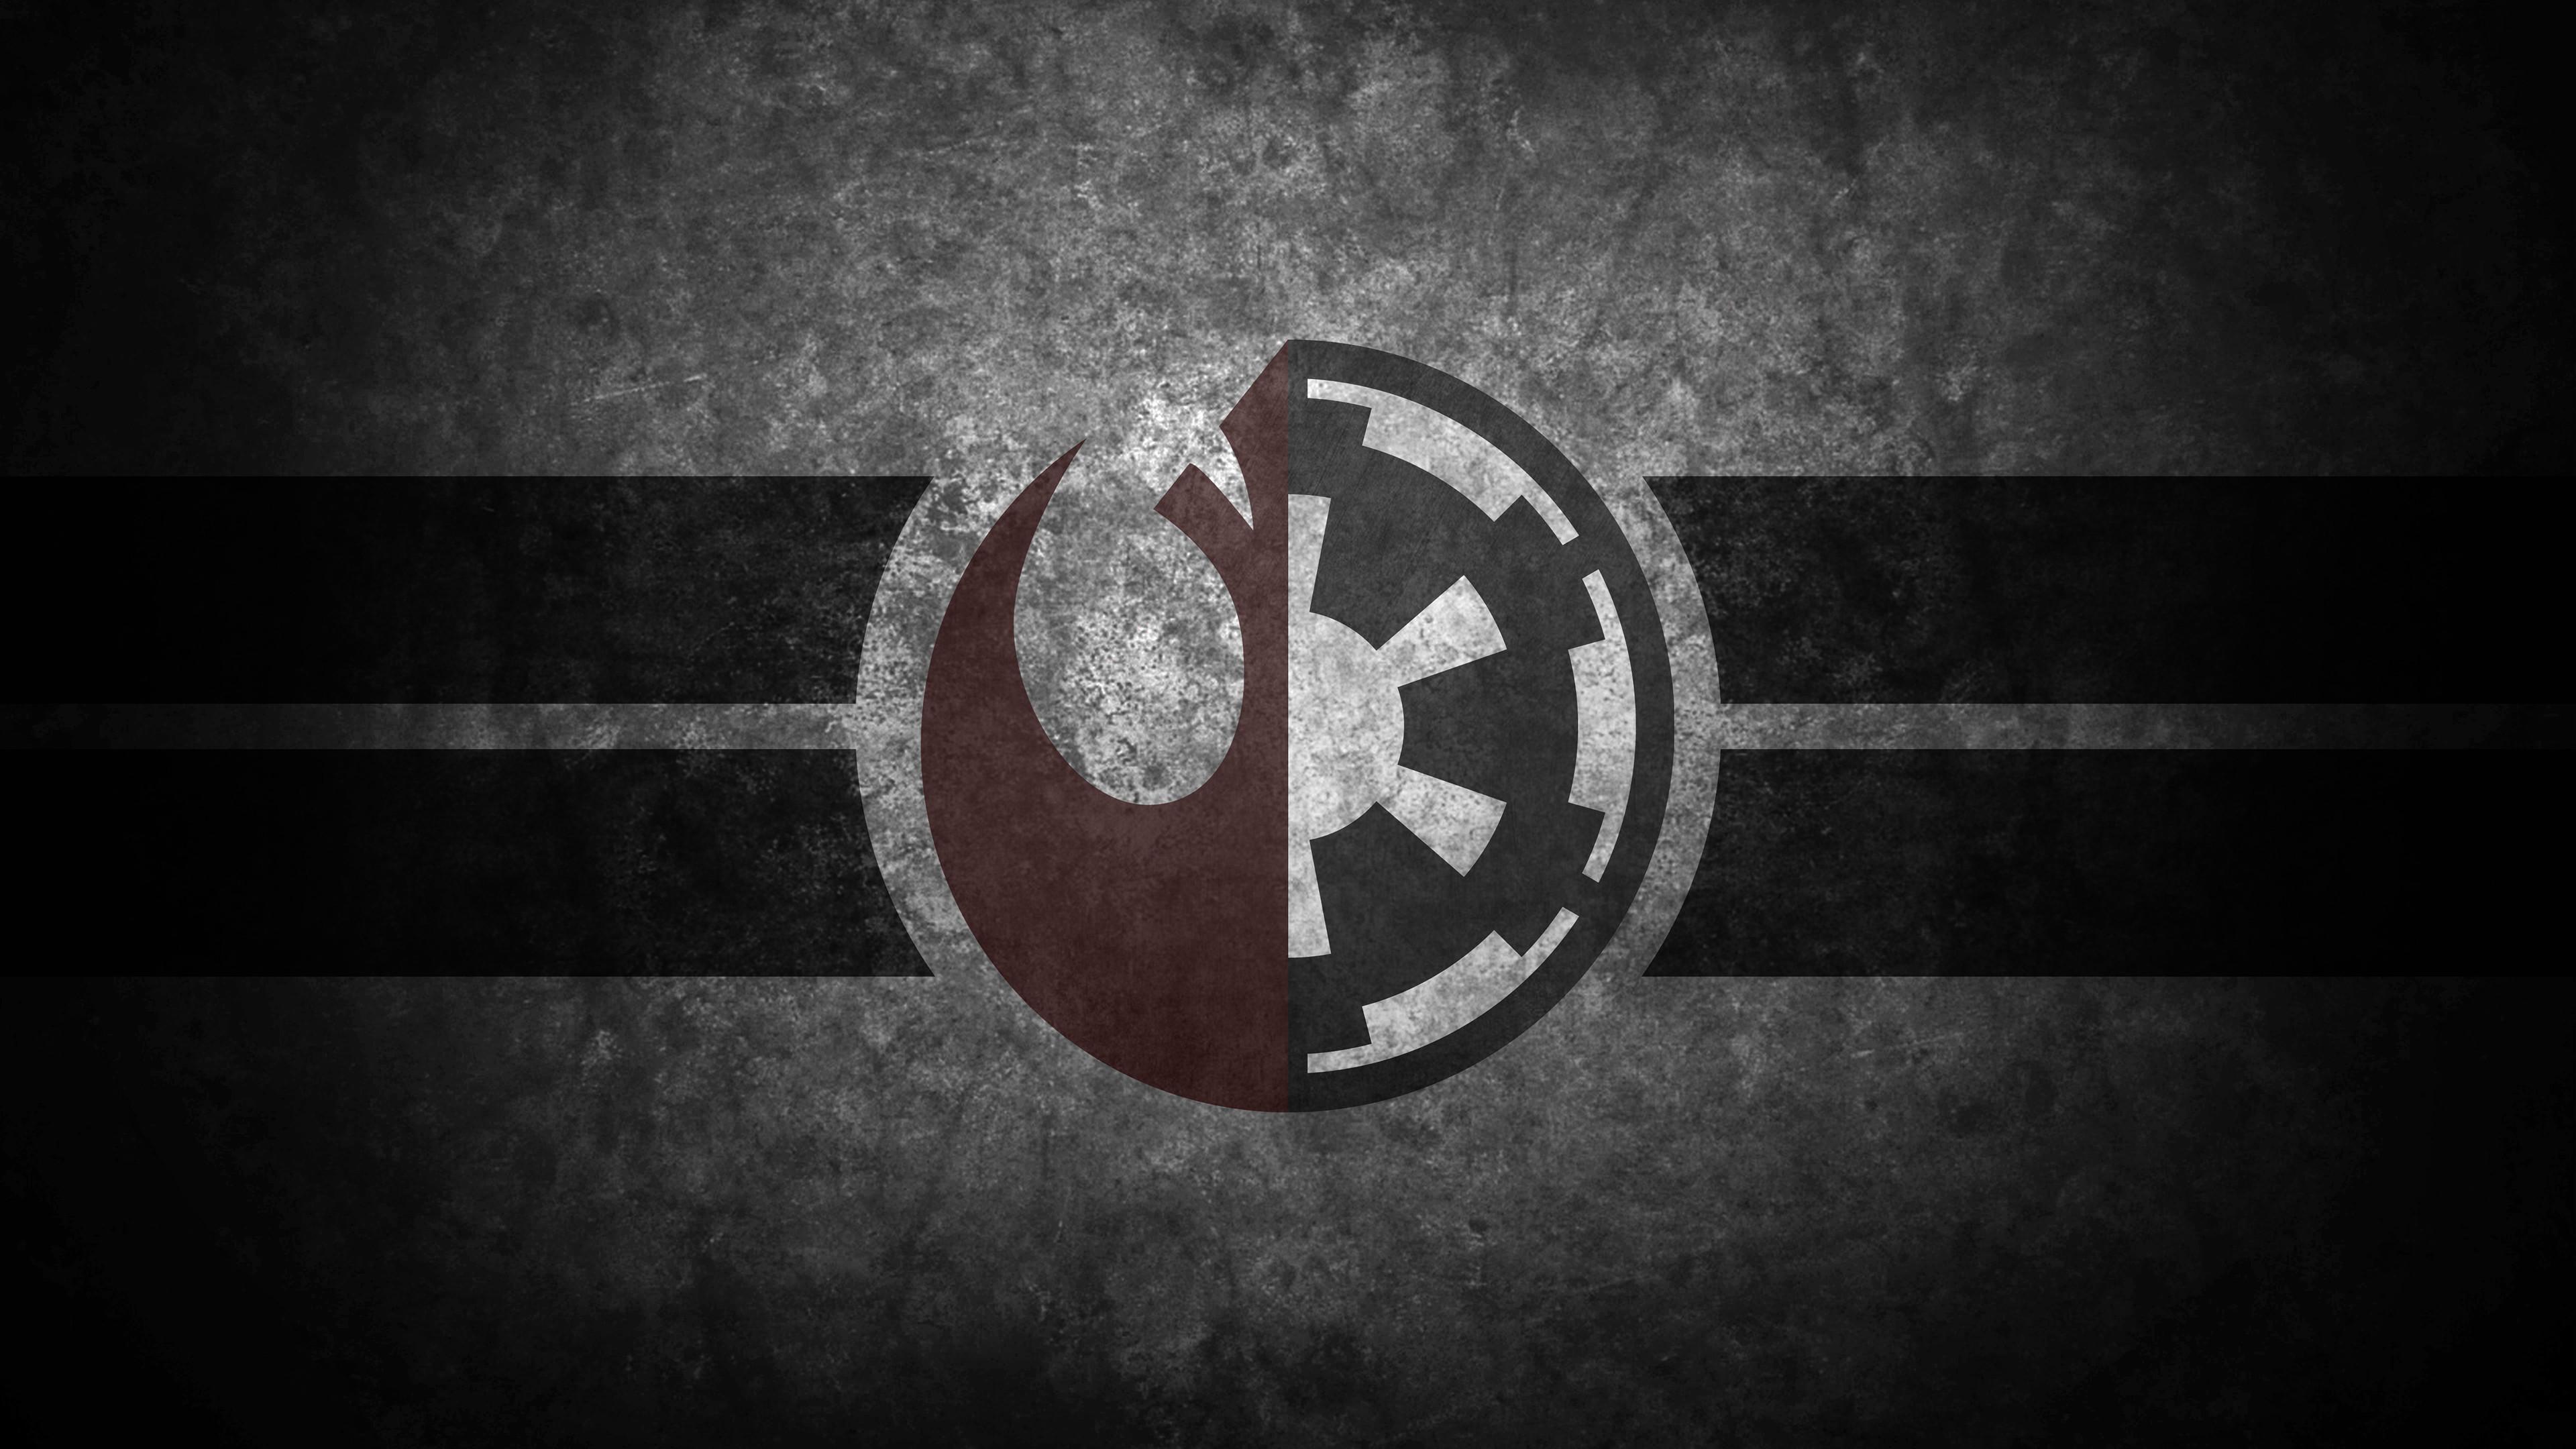 Star Wars Empire Logo Wallpaper